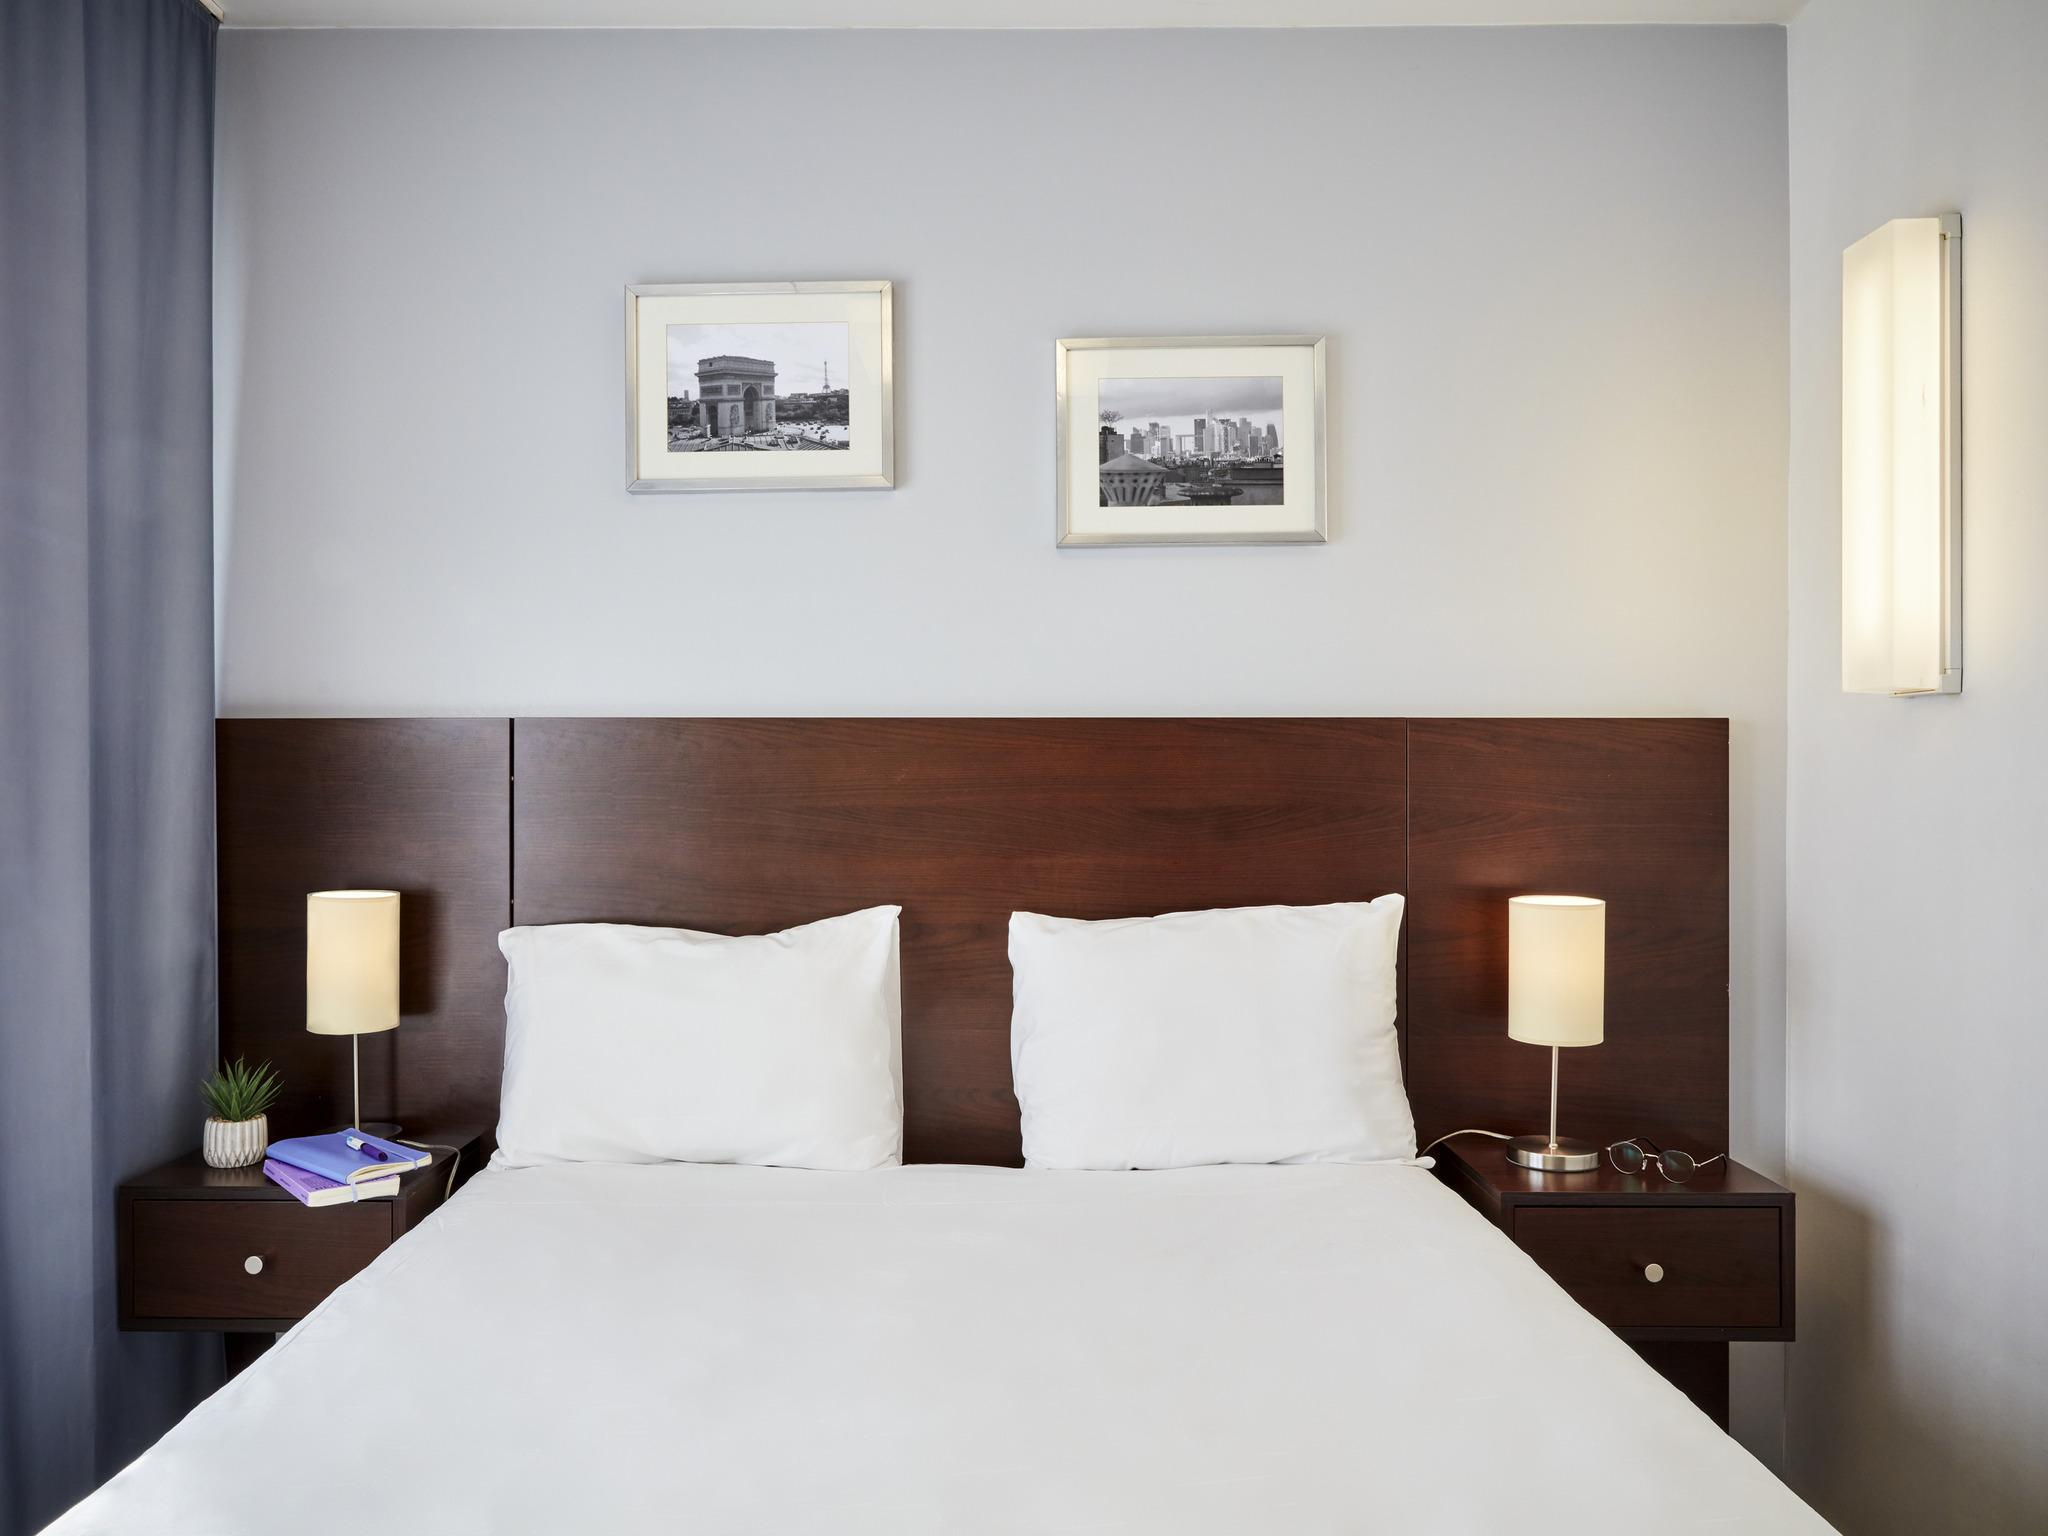 فندق - الشقق الفندقية أداجيو أكسس Adagio access باريس باستيل